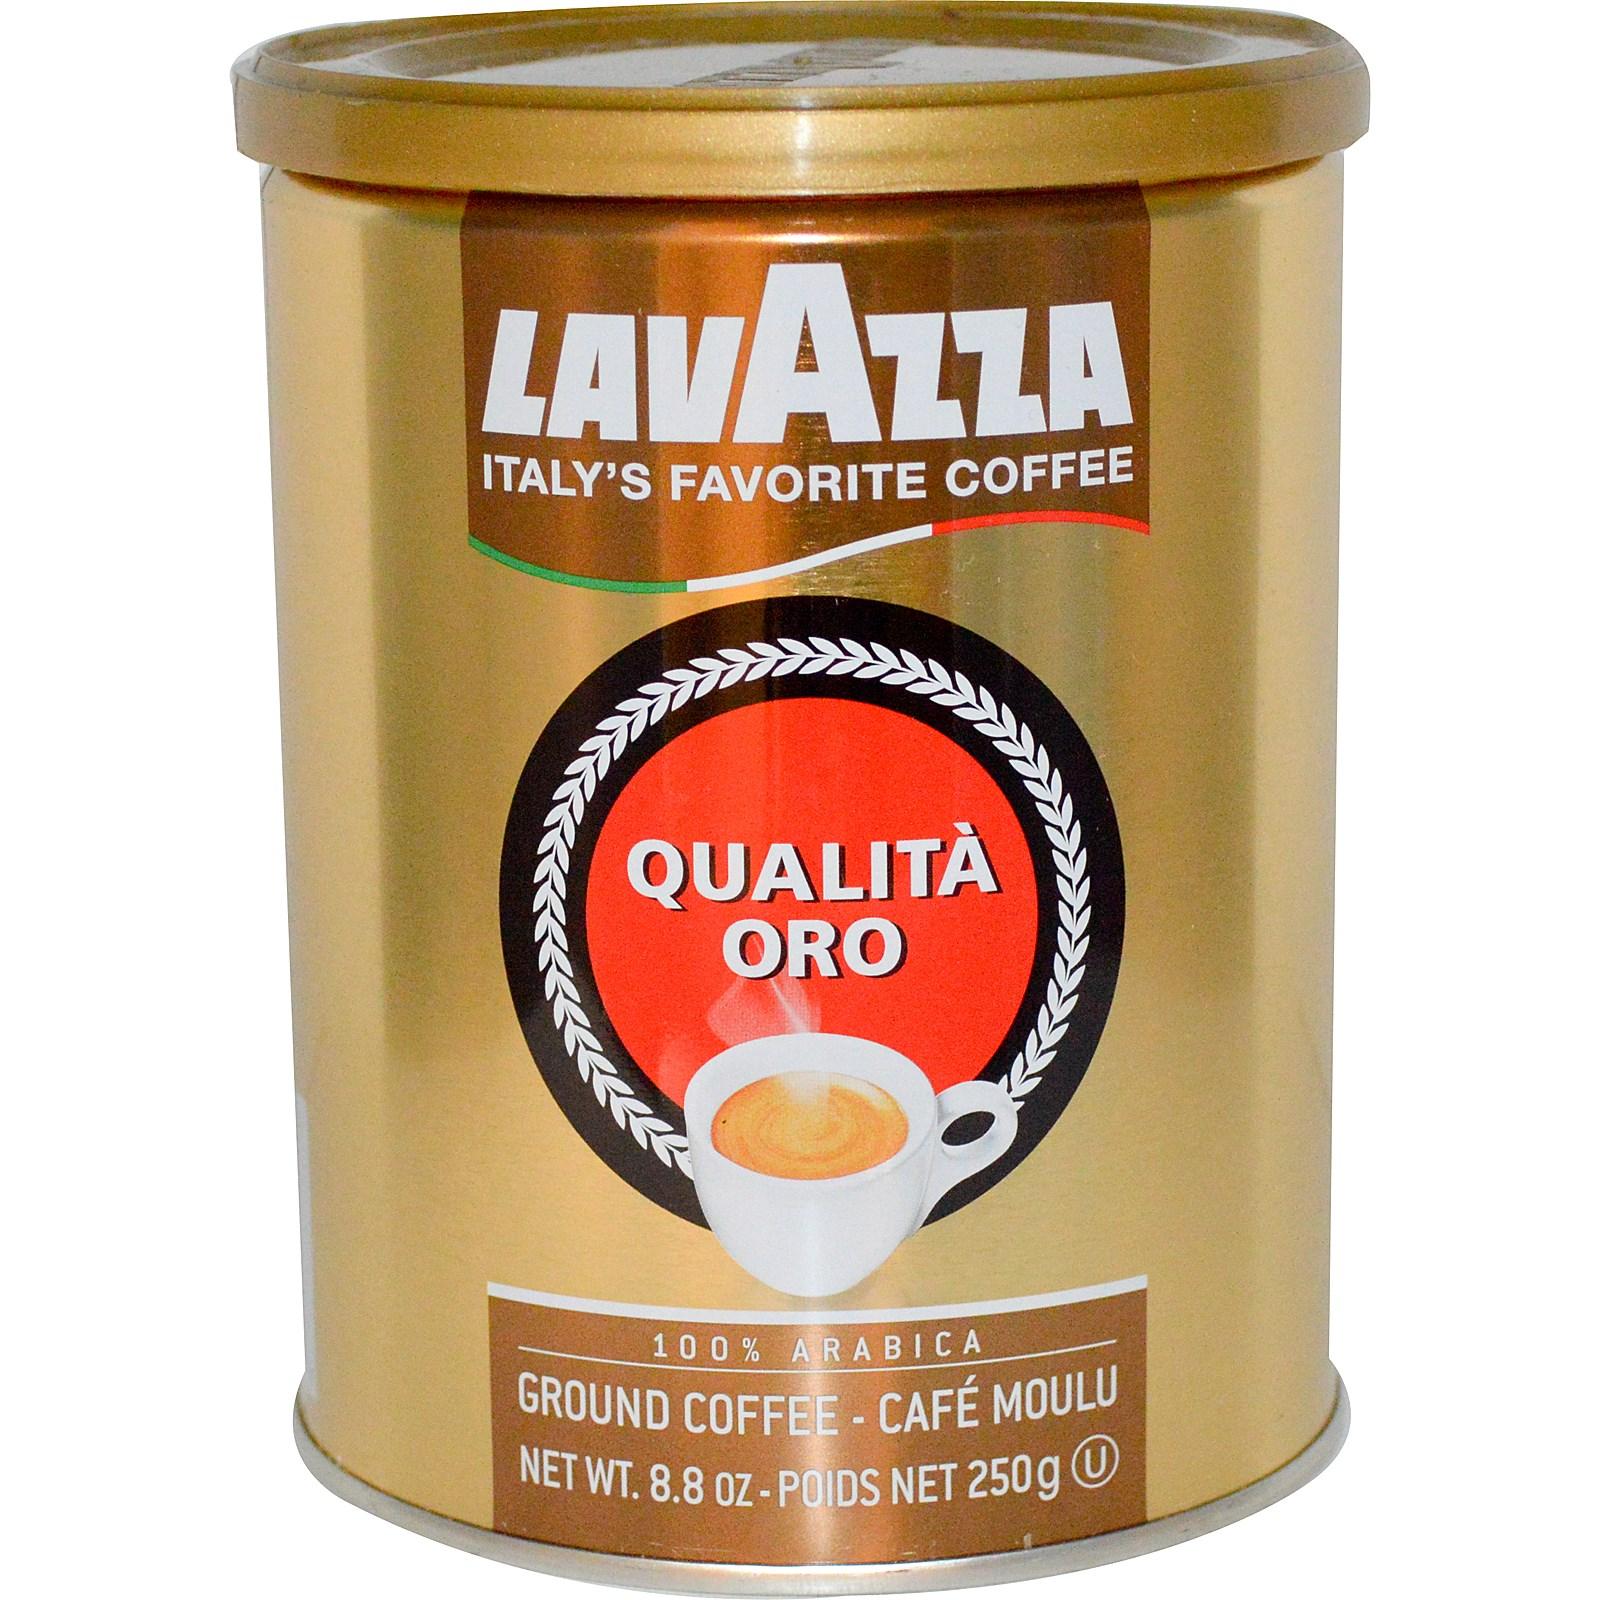 Кофе молотый Lavazza Oro 250 г  жест. банкаКофе, какао<br>Lavazza Oro — кофе, рождающий фантазию.<br>Что получится, если смешать лучшие сорта арабики, привезенной и далекой Центральной и Южной Америки? Правильно, получится вкусный молотый кофе Lavazza Oro, достойный лучших итальянских кофеен!<br>Сладковатый вкус с чуть заметной благородной кислинкой, узнаваемый вкусный аромат, идеальный помол: этот кофе так и ждет поскорее быть приготовленным в вашей турке или кофеварке!<br>Сбалансированный вкус, средняя обжарка зерен, вакуумная упаковка, надолго сохраняющая уникальность вкуса и аромата — у такого кофе есть все, ...<br><br>Тип: кофе молотый<br>Обжарка кофе: средняя<br>Кофеин: С кофеином<br>Состав: 100% Арабика<br>Дополнительно: 100% Арабика. Жестяная банка